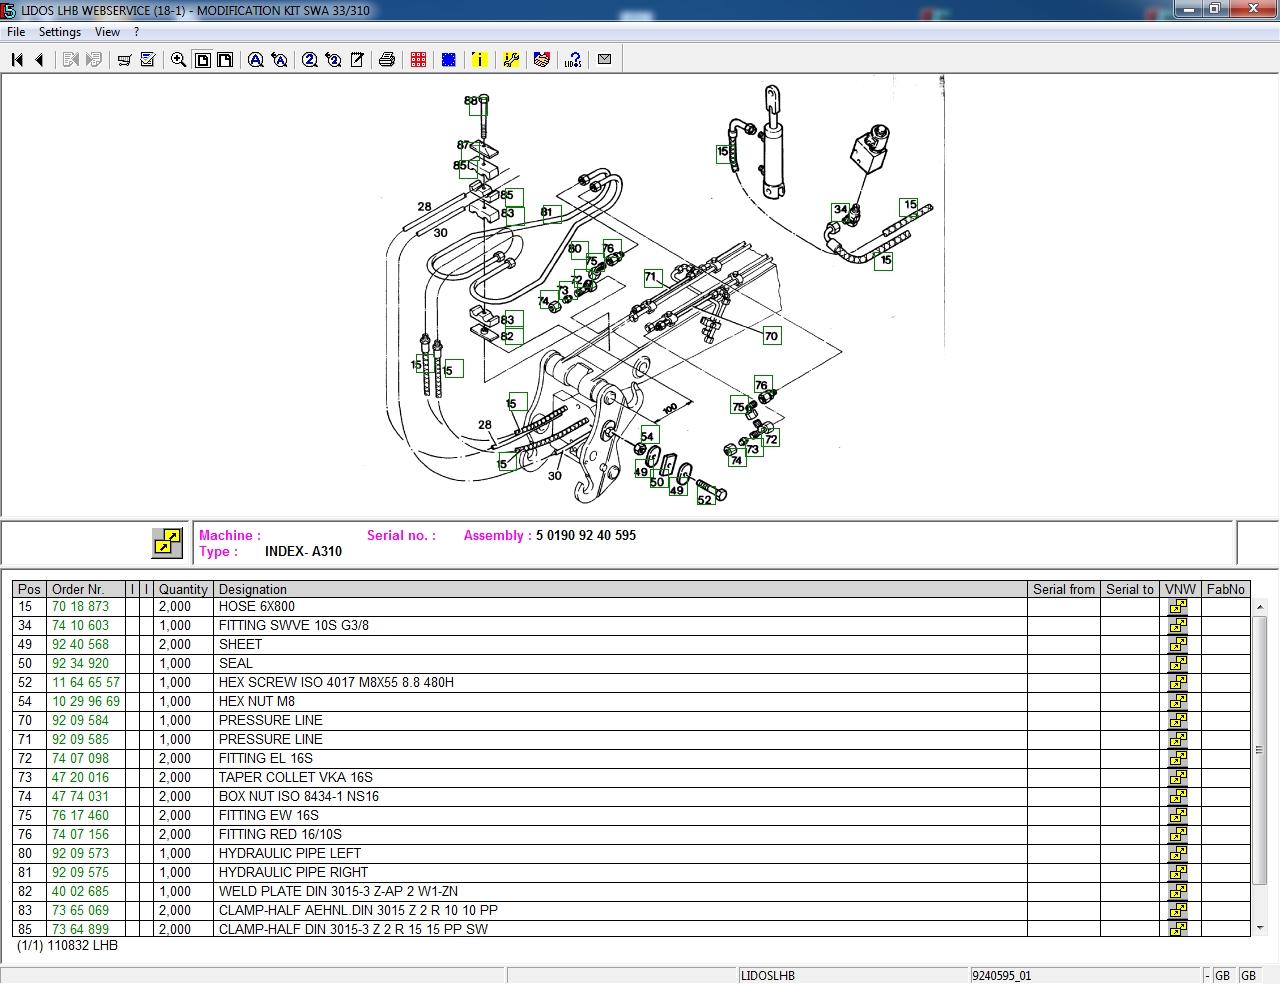 Liebherr_Lidos_COTLBHLFRLHBLWELWT_Online_EPC_Service_Document_Updated_052020_8